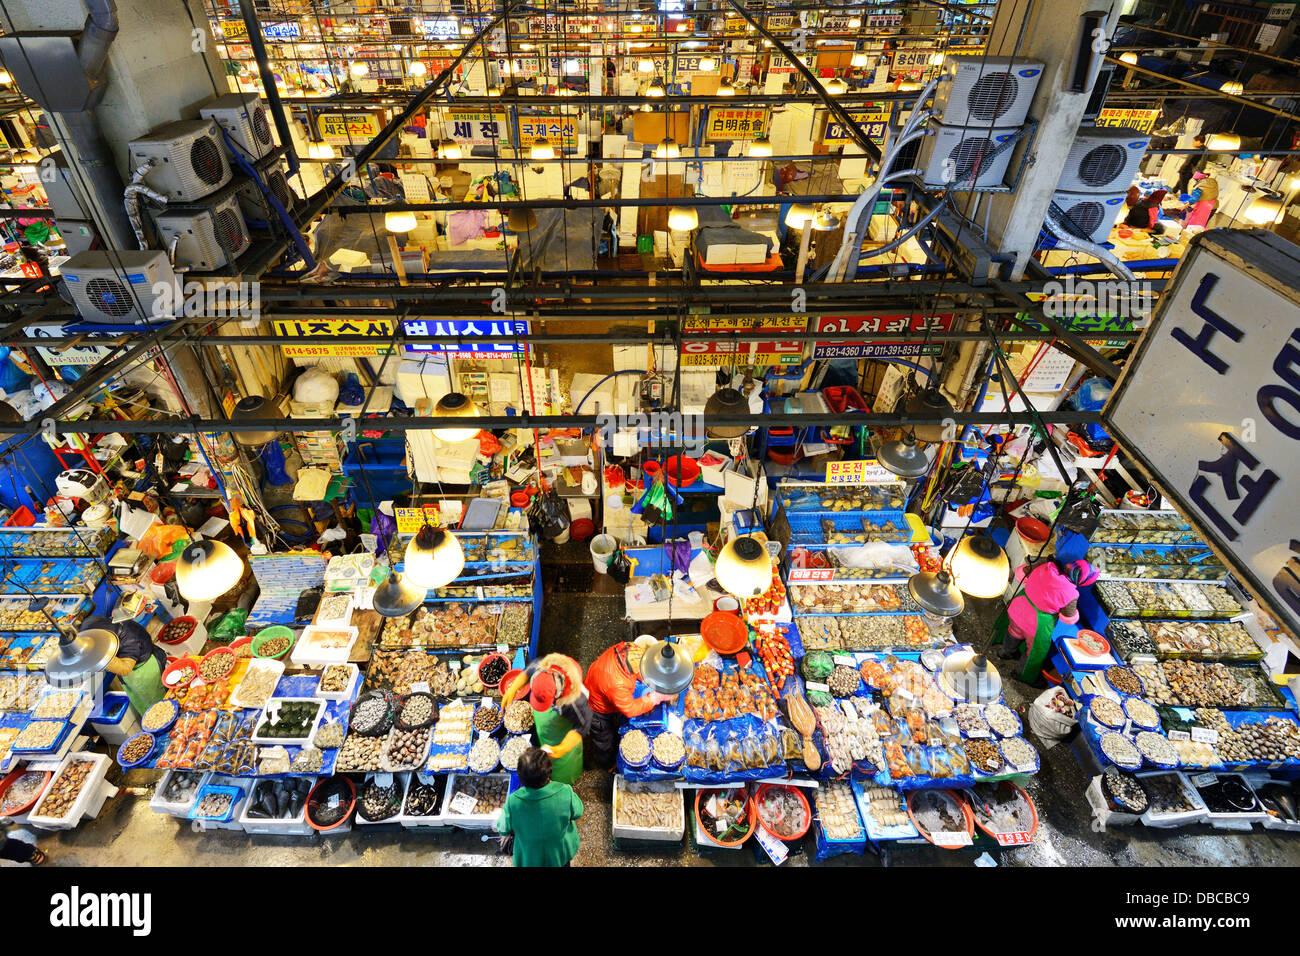 Noryangjin mercato del pesce a Seul, in Corea del Sud. Foto Stock